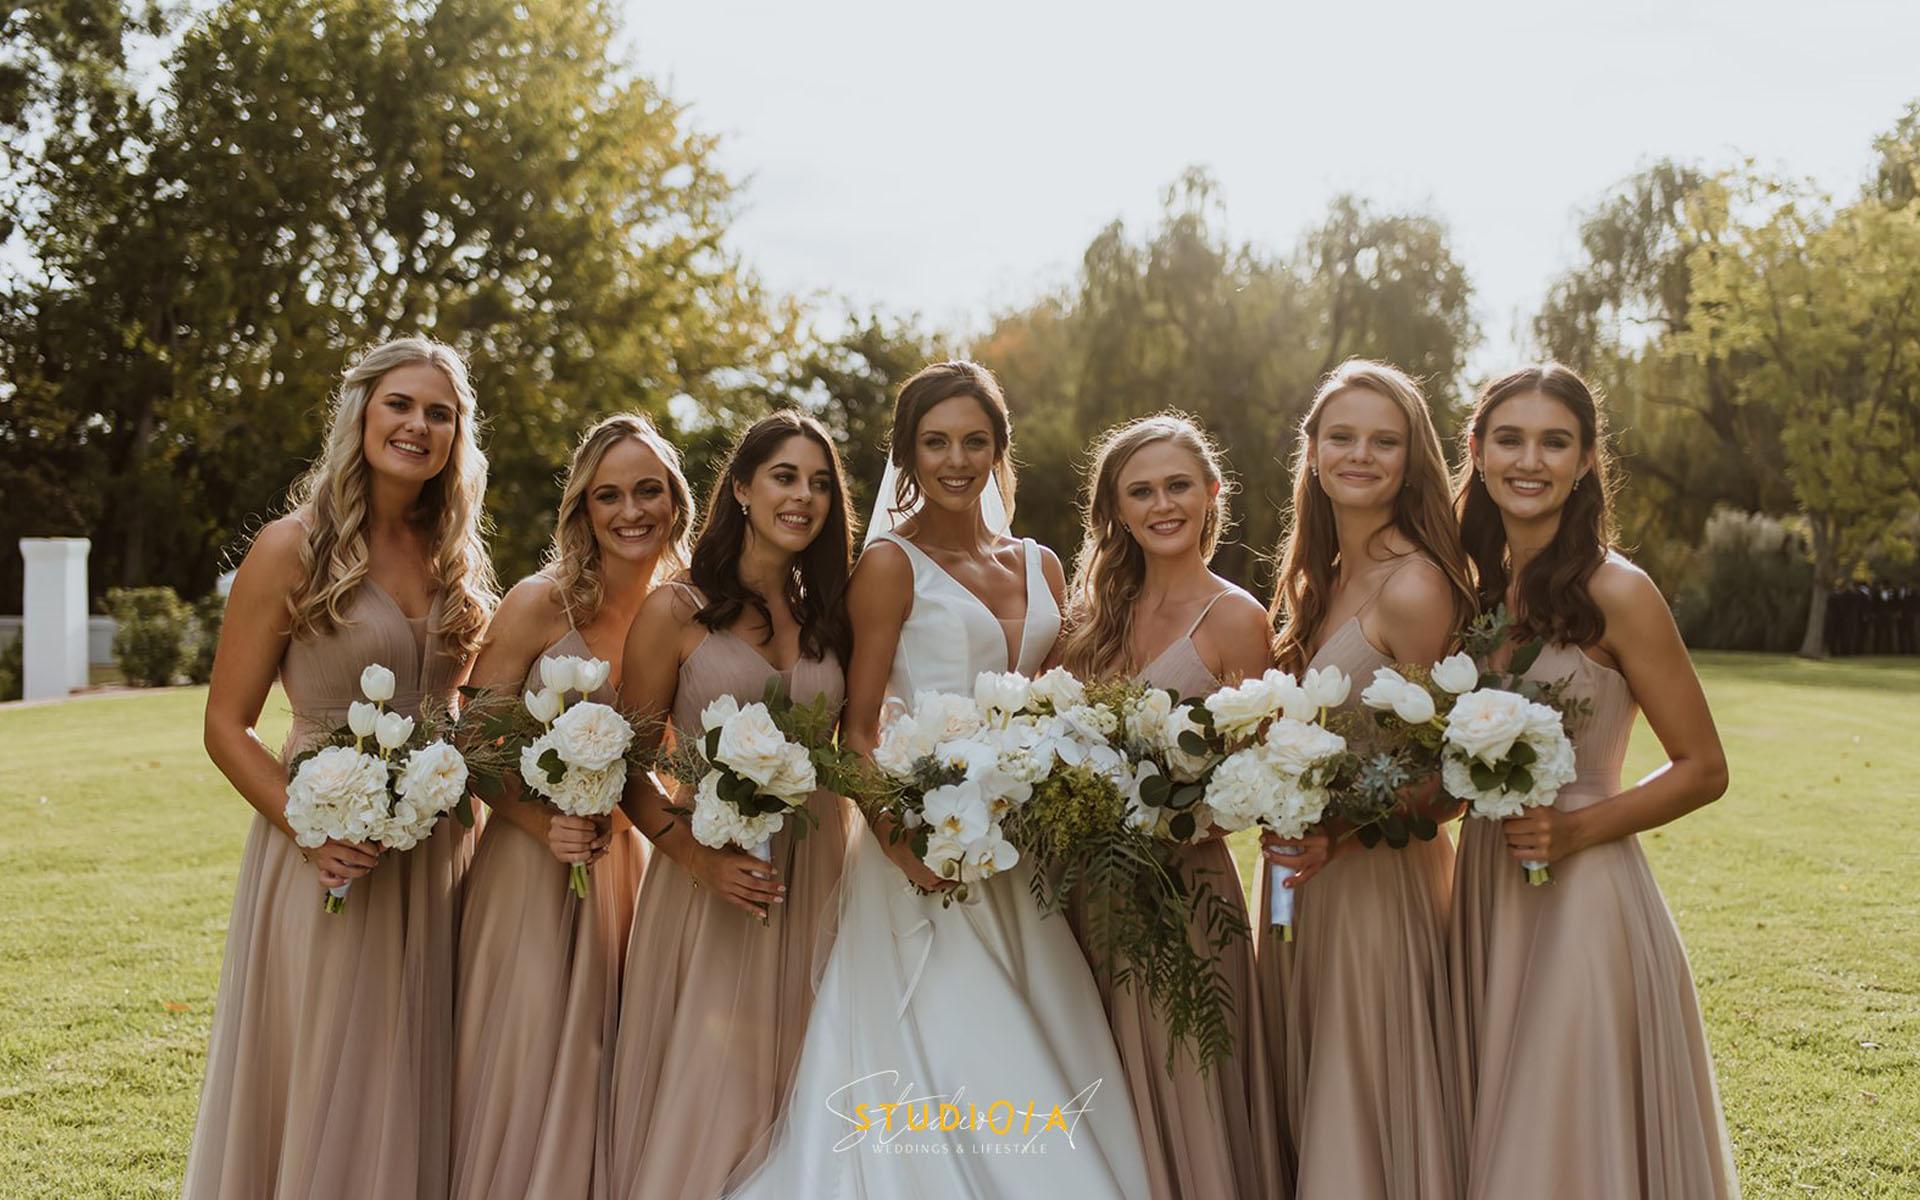 brides bridal hair and make-up 3